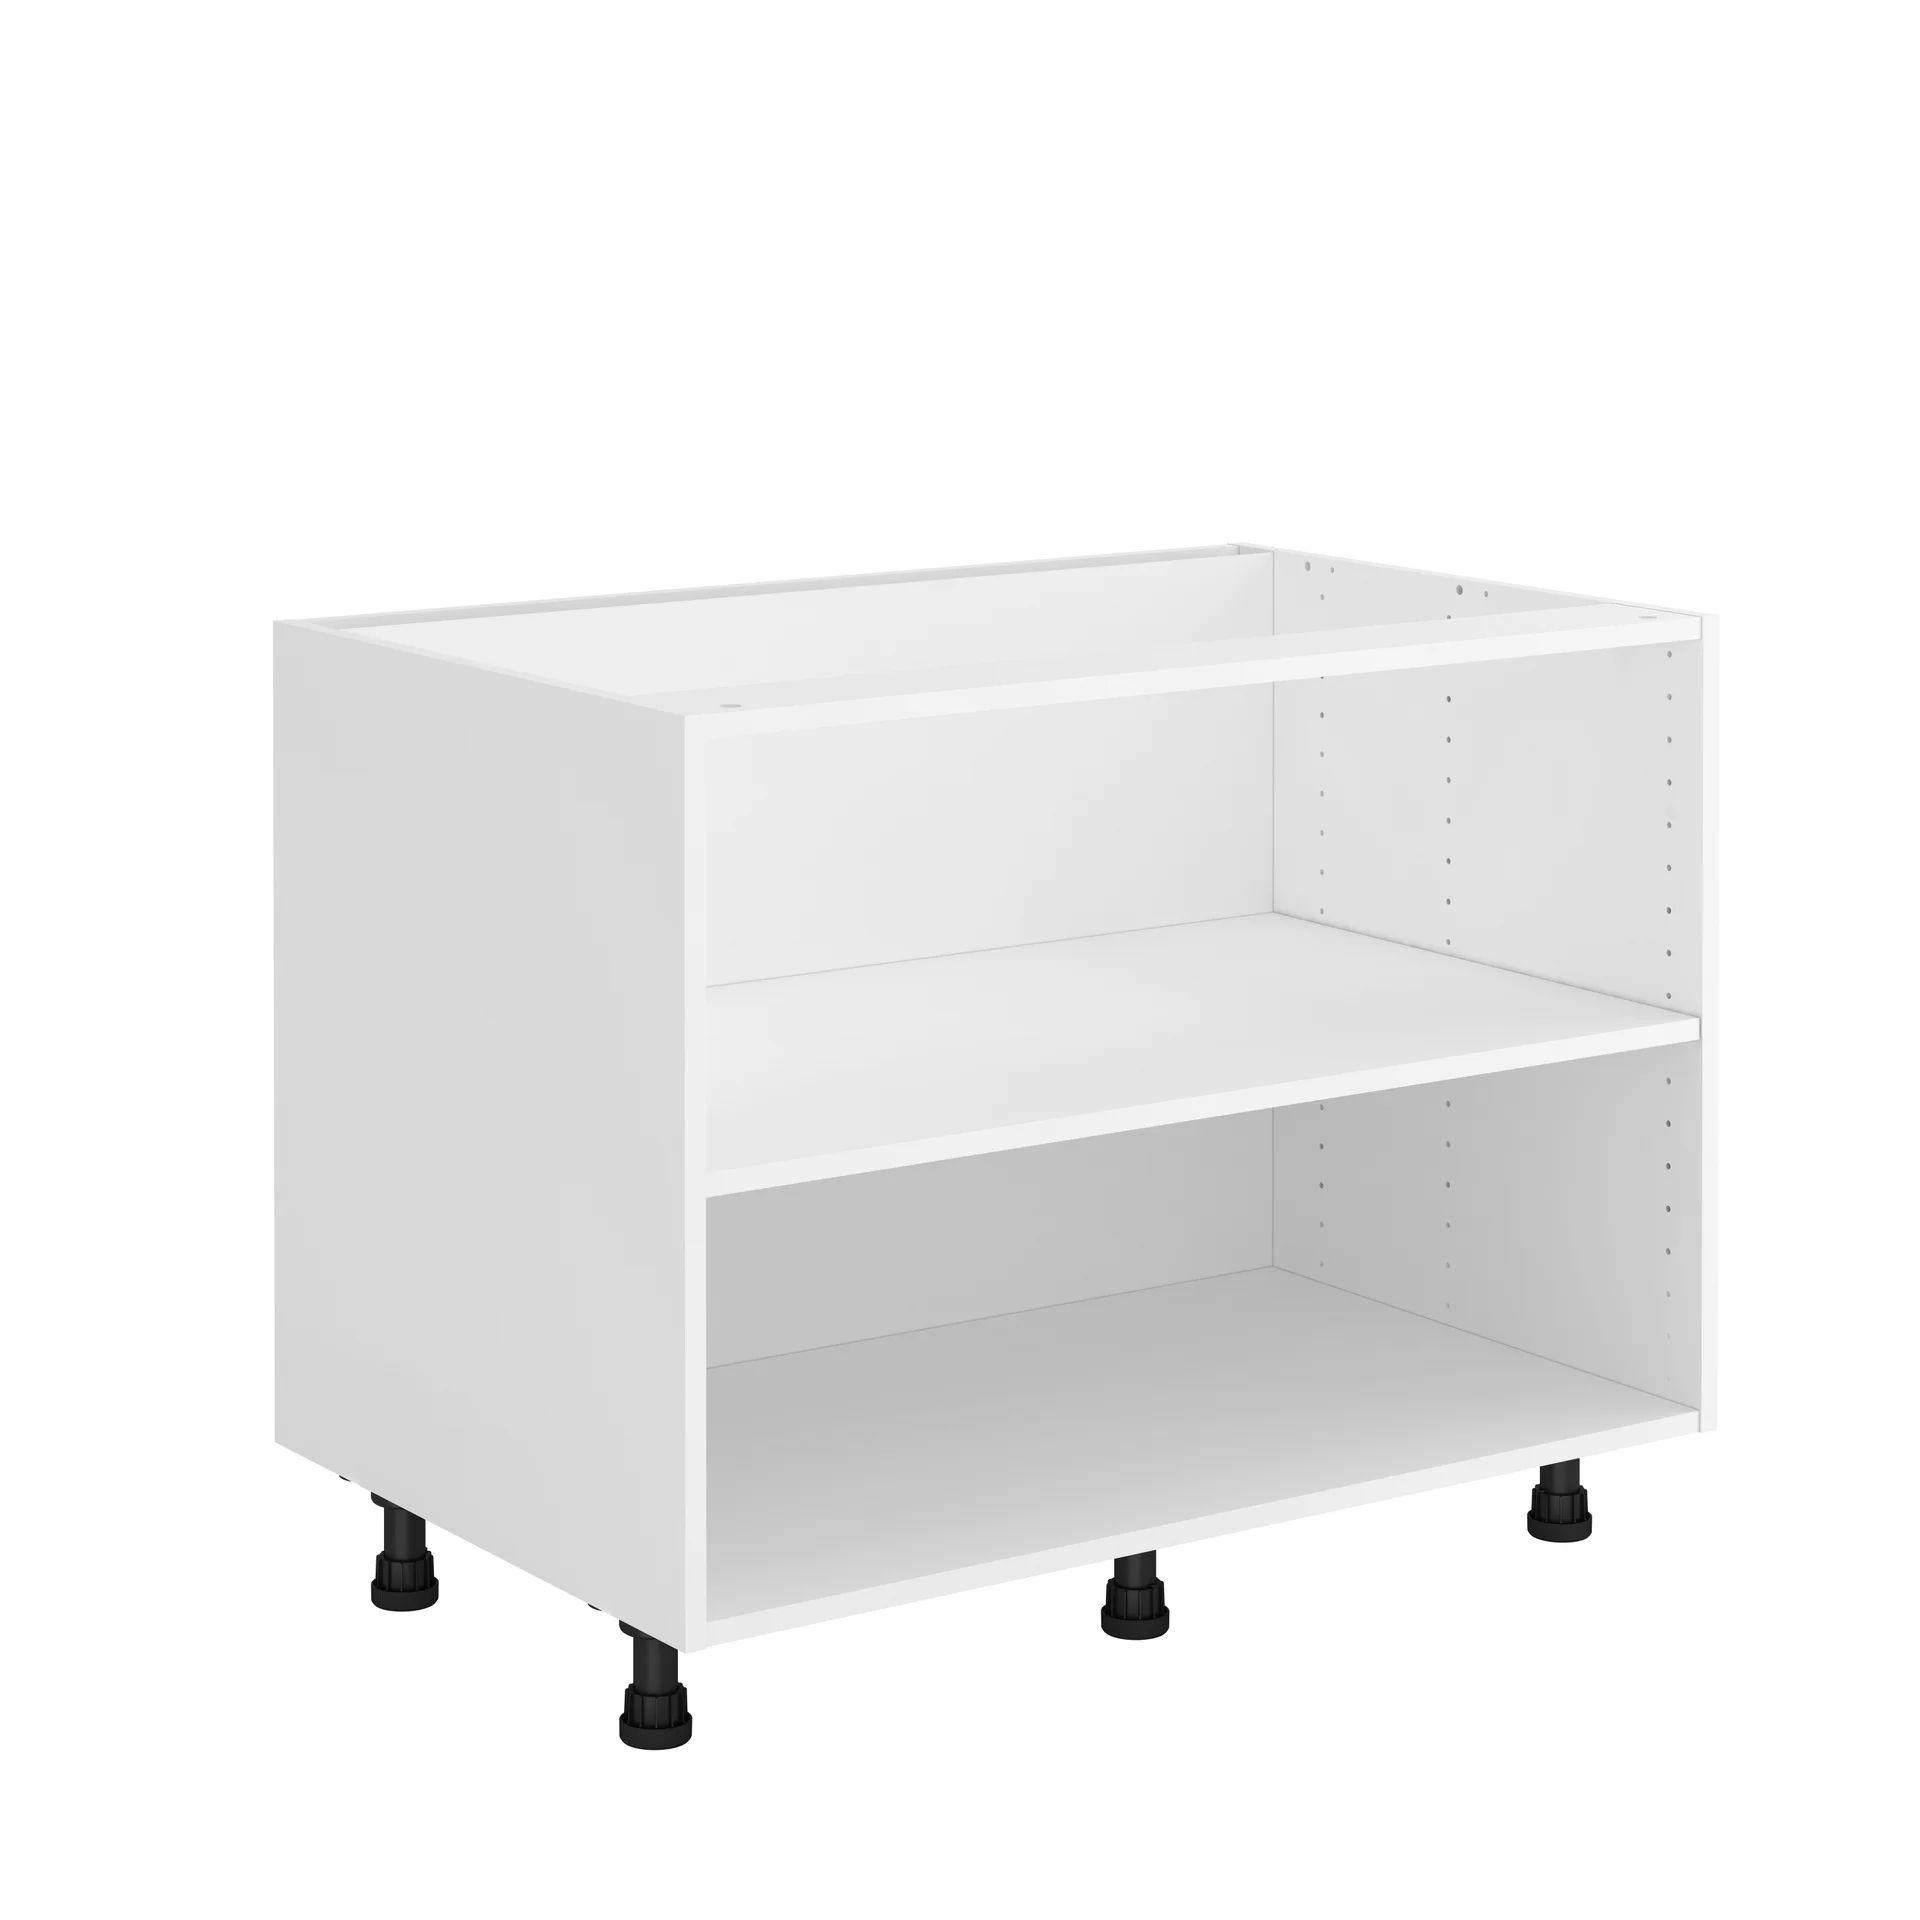 caisson de cuisine sous evier delinia id blanc h 60 8 x l 90 x p 58 cm